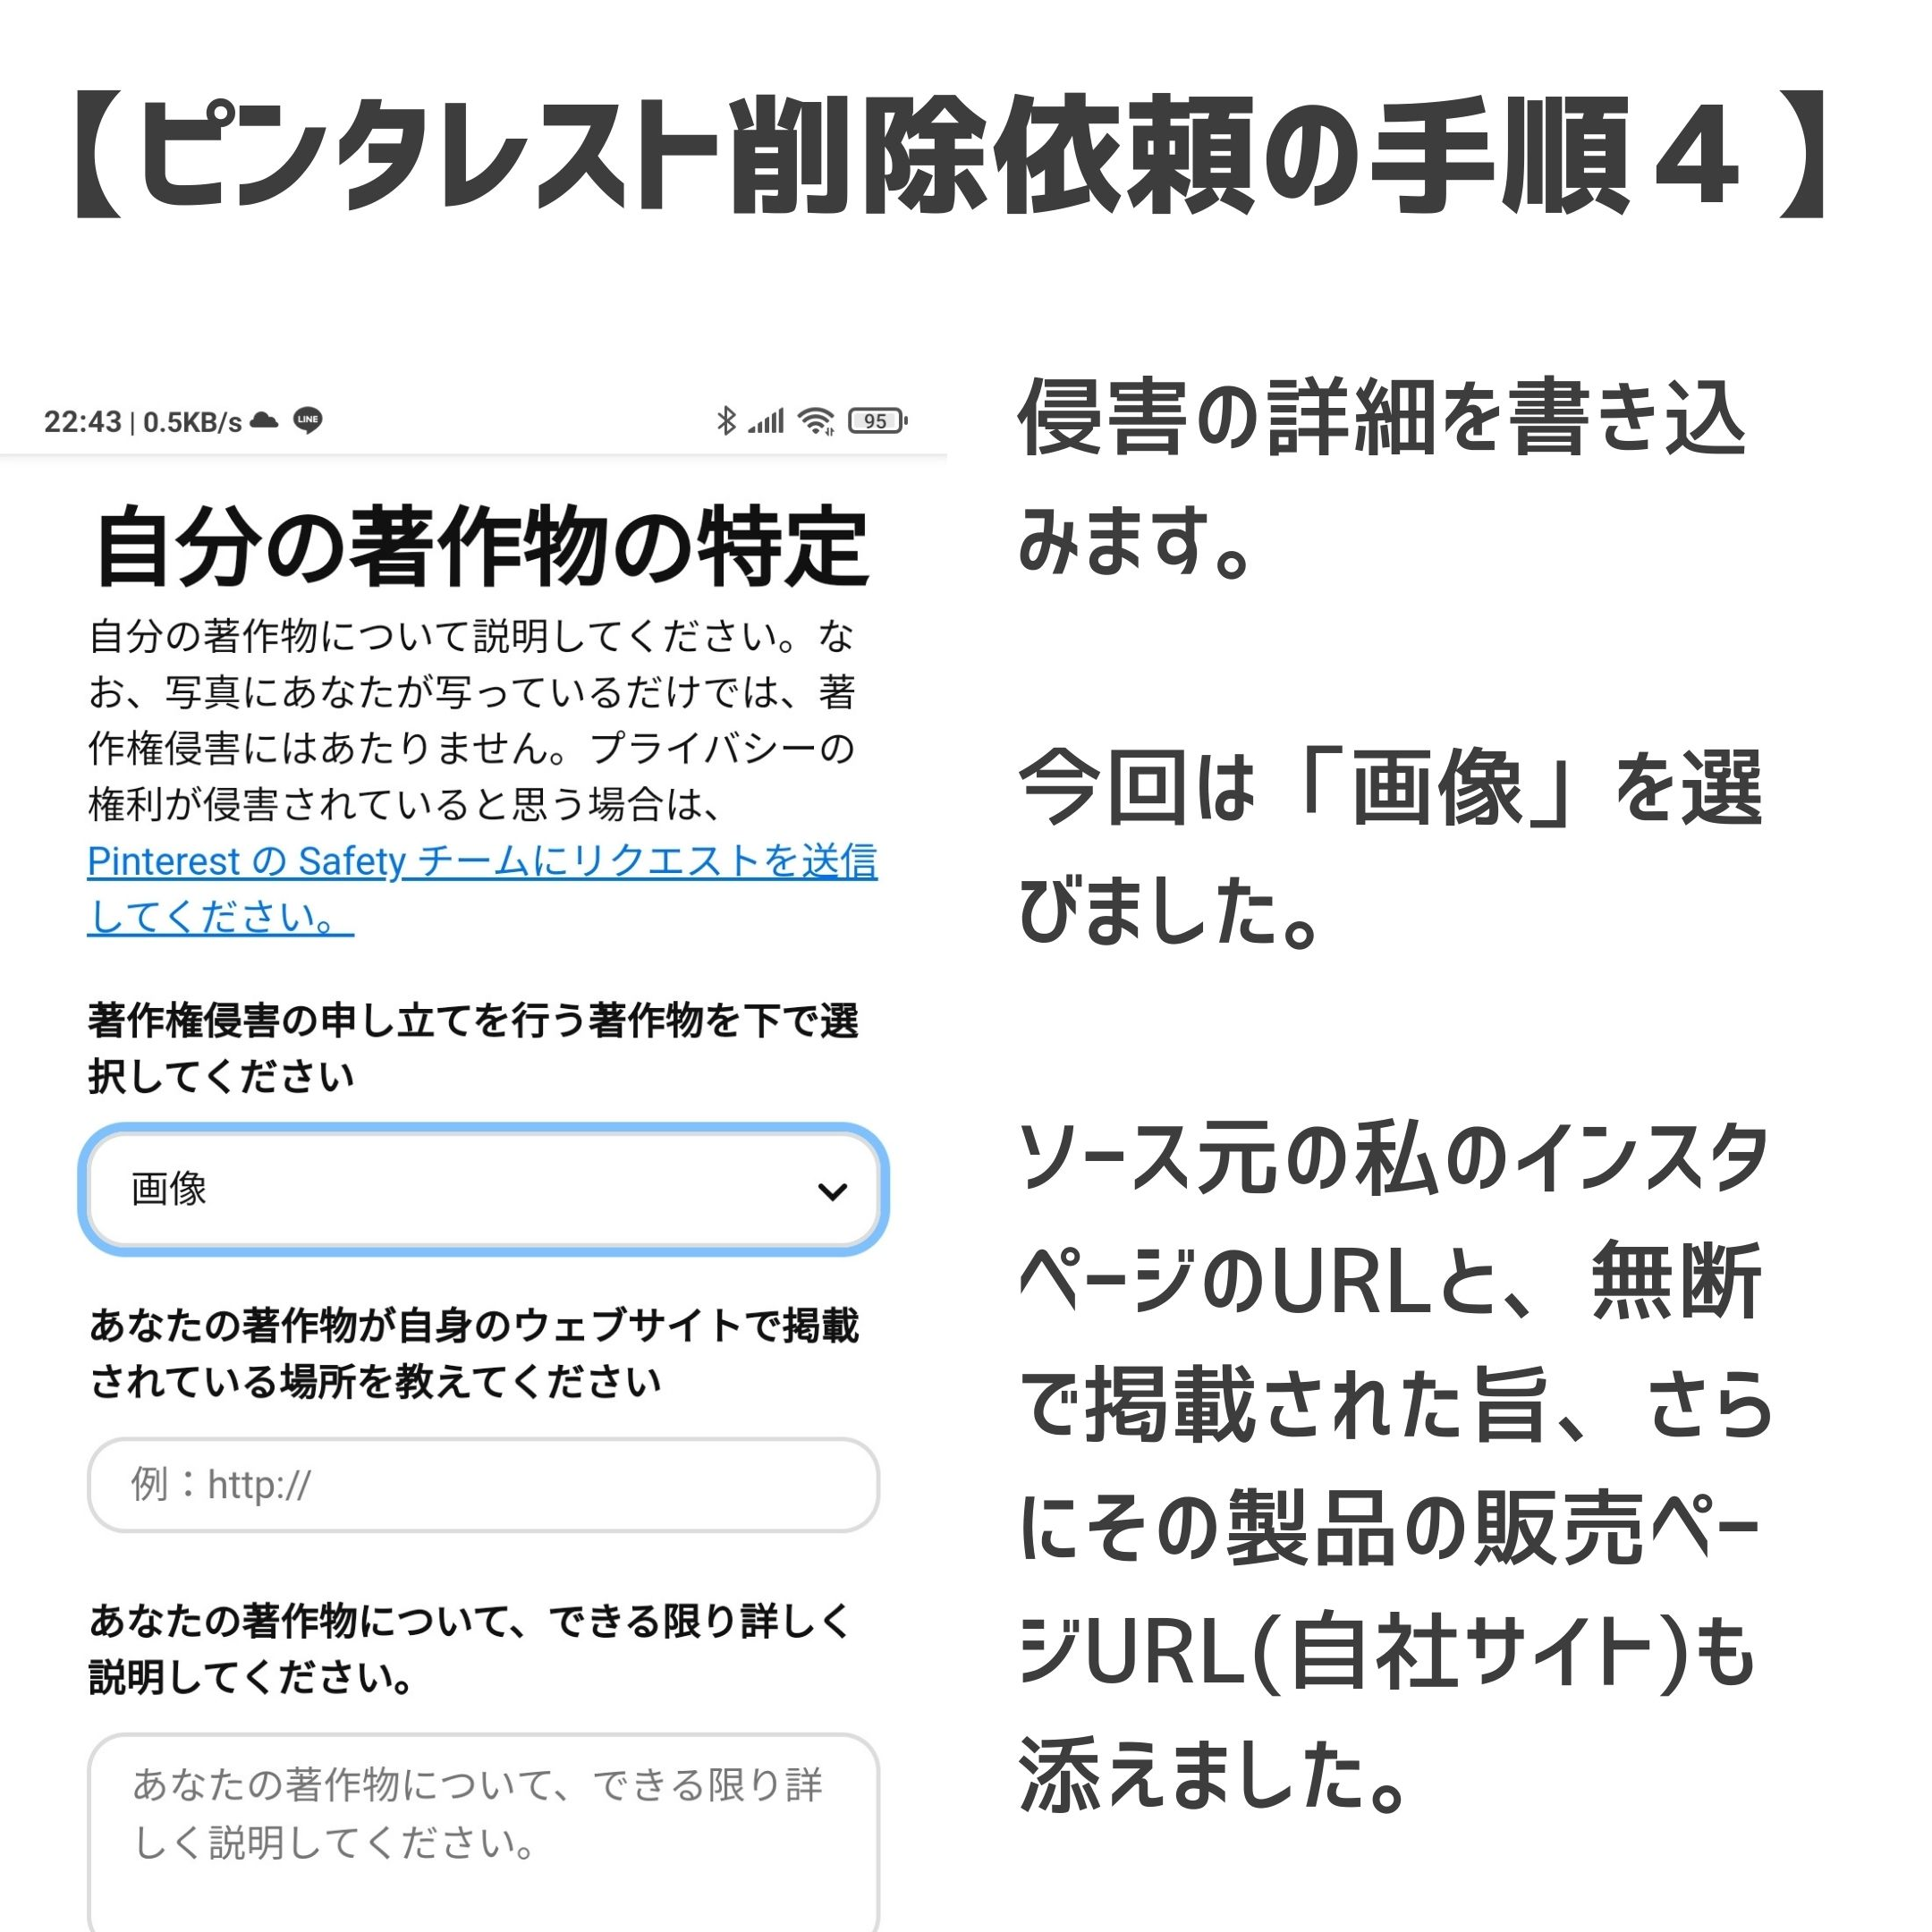 今回は過去に私がアップしたInstagramの写真ですので、そちらのページのURLと、念の為、この商品を紹介しているネットショップのURLも添えました。